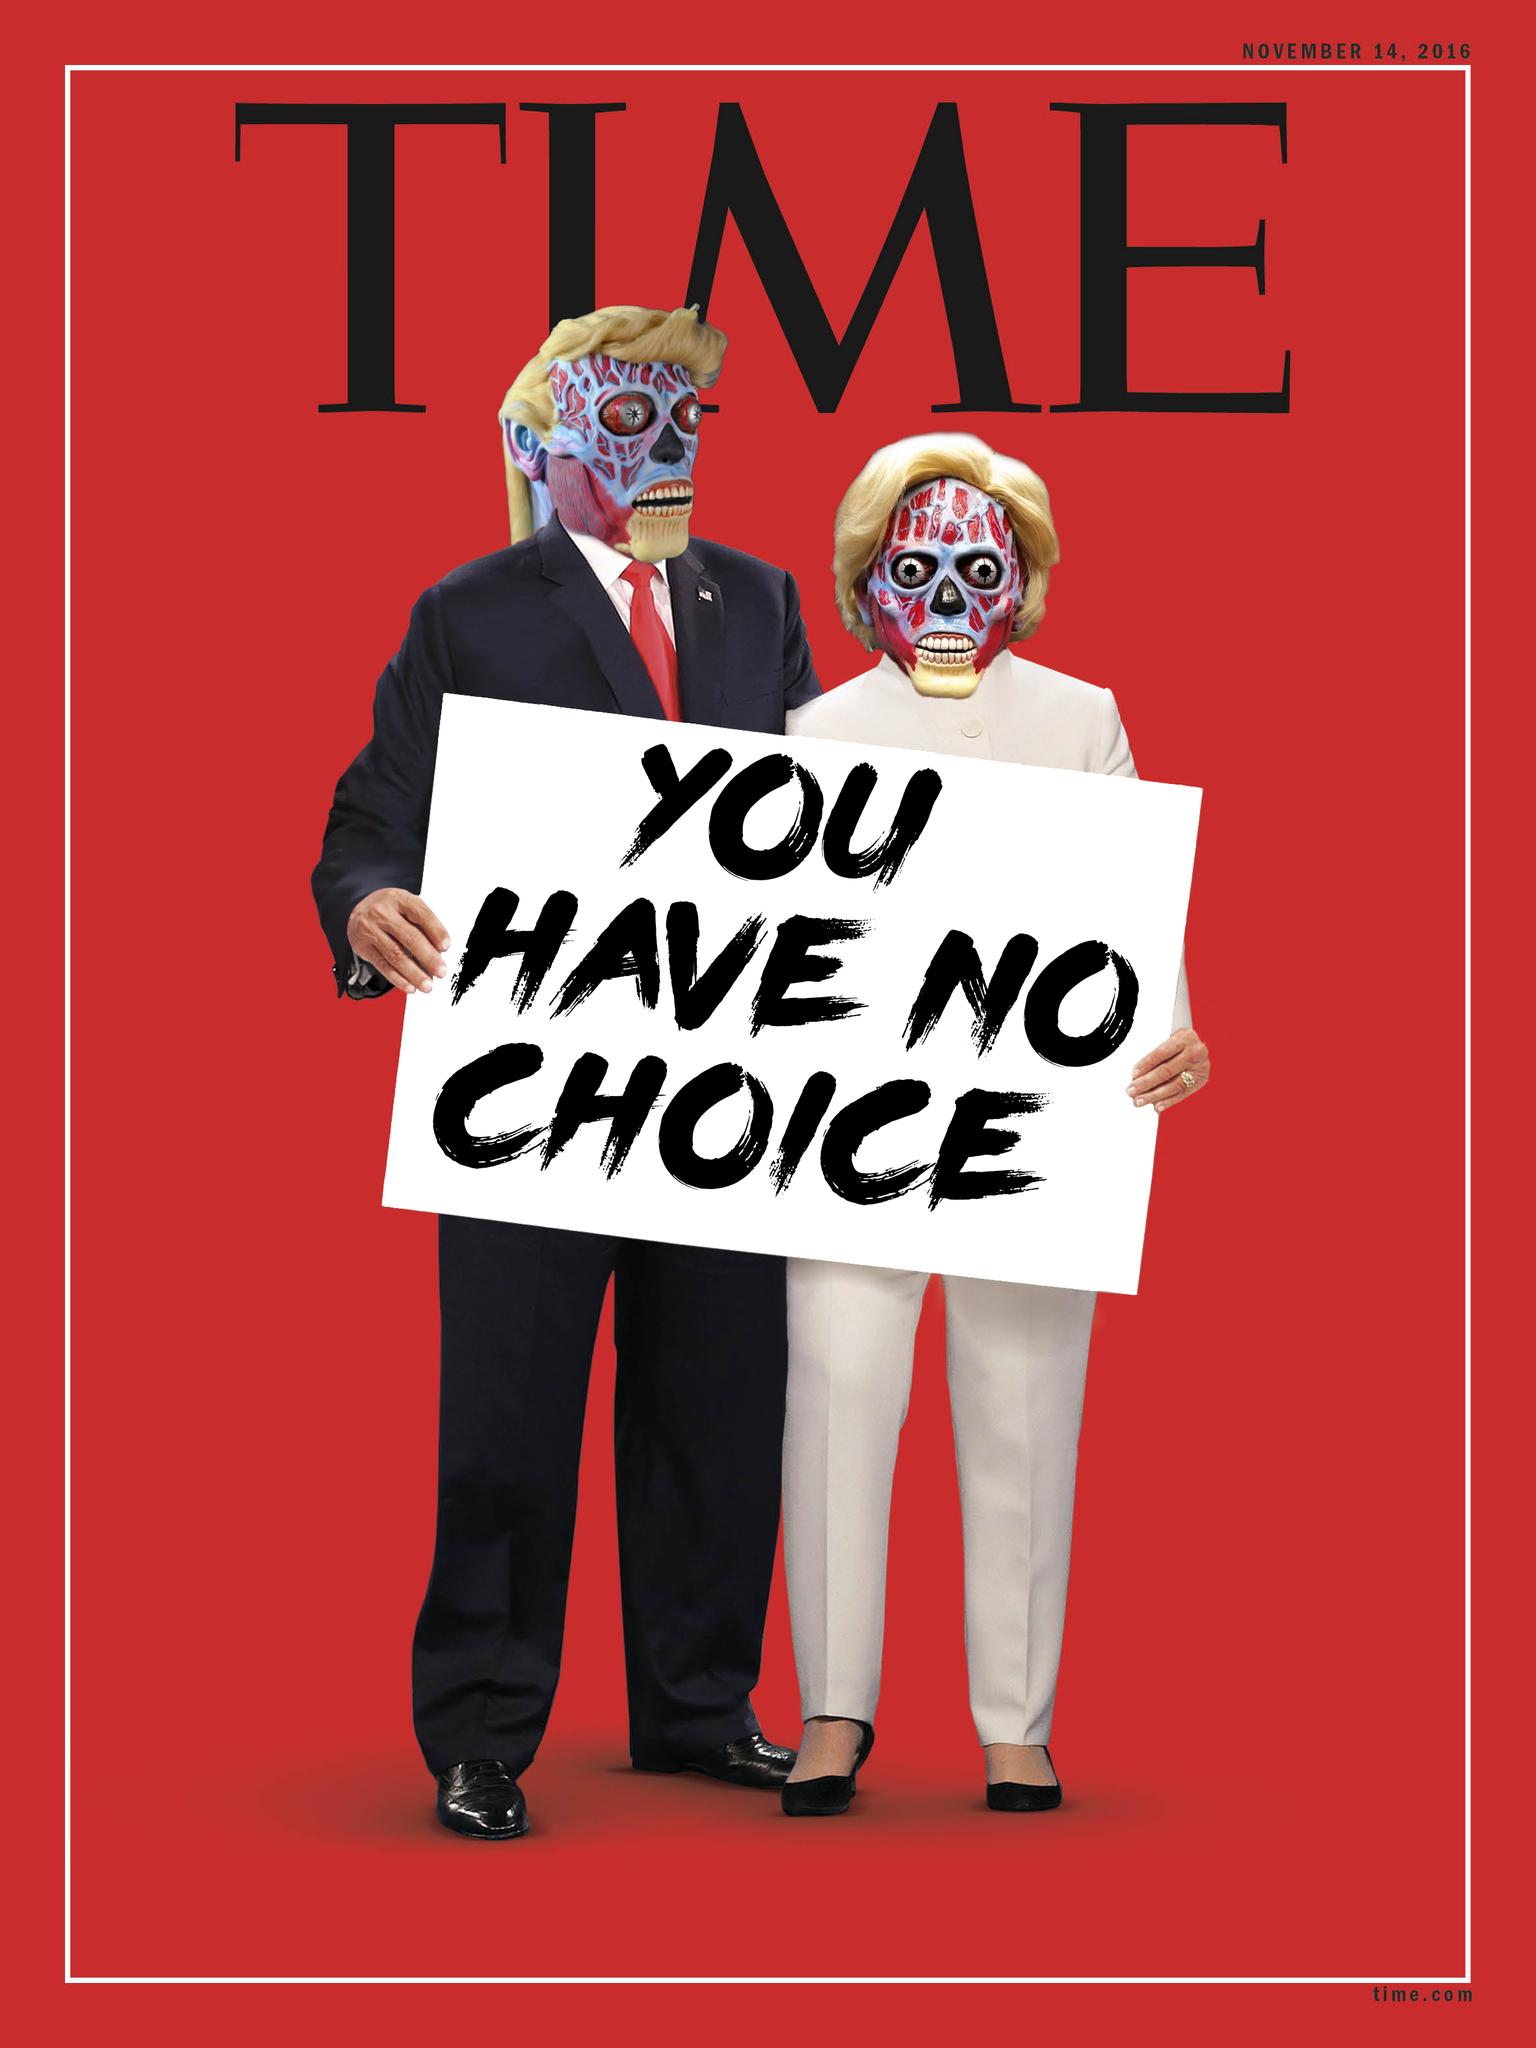 Αμερικανικές εκλογές: η επόμενη μέρα σύμφωνα με εμπεριστατωμένες μελέτες